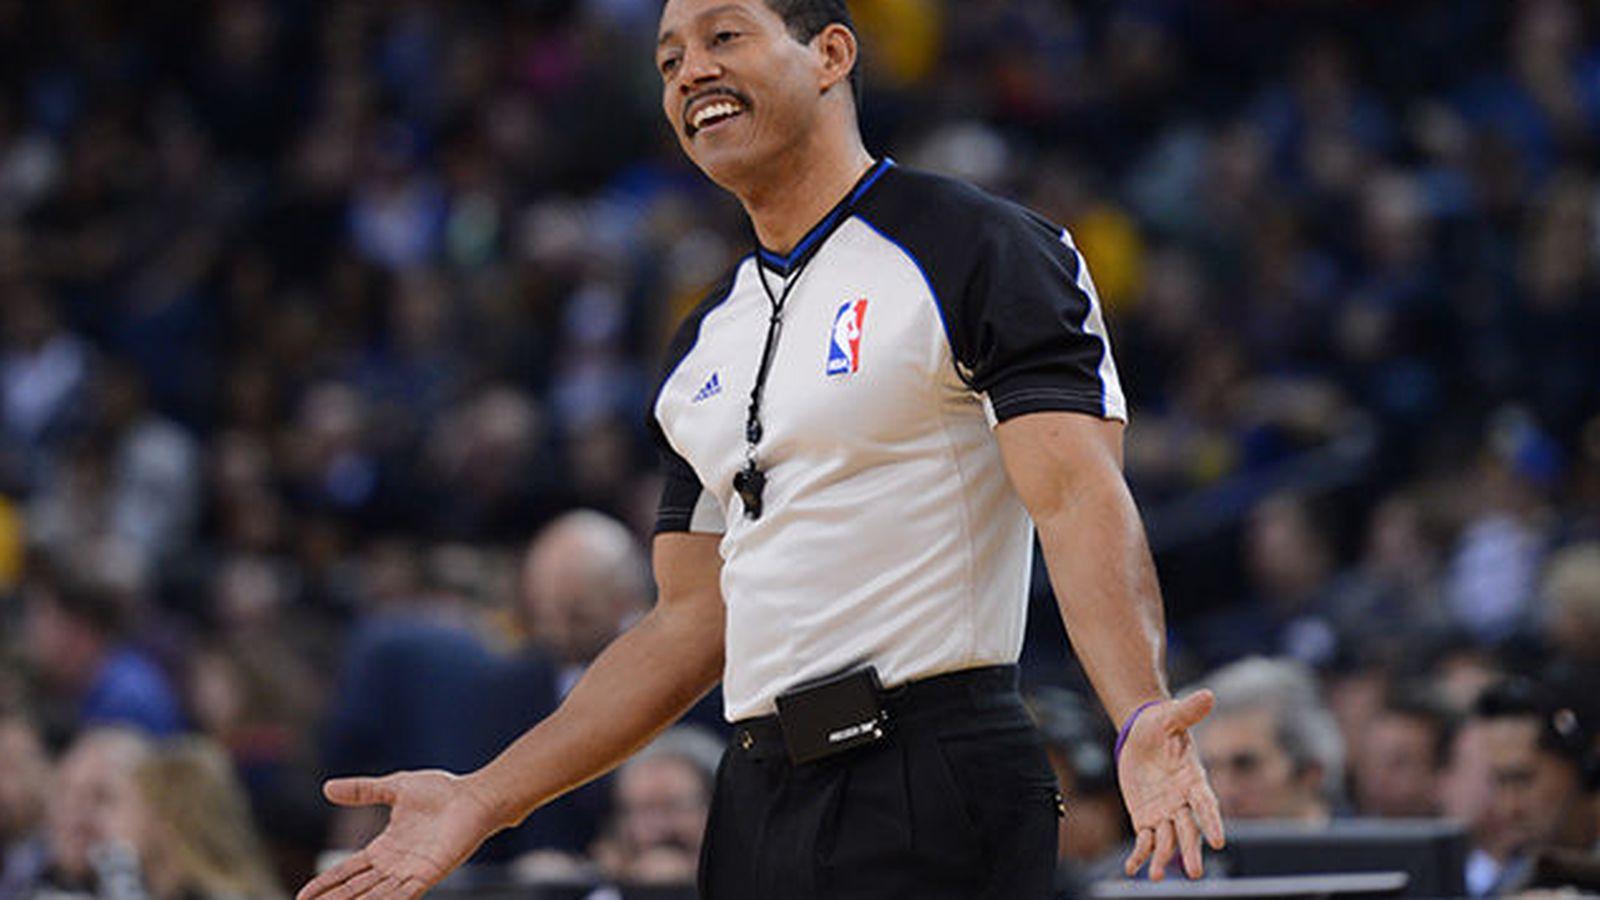 Foto: Bill Kennedy sonríe durante un partido de la NBA (Reuters).